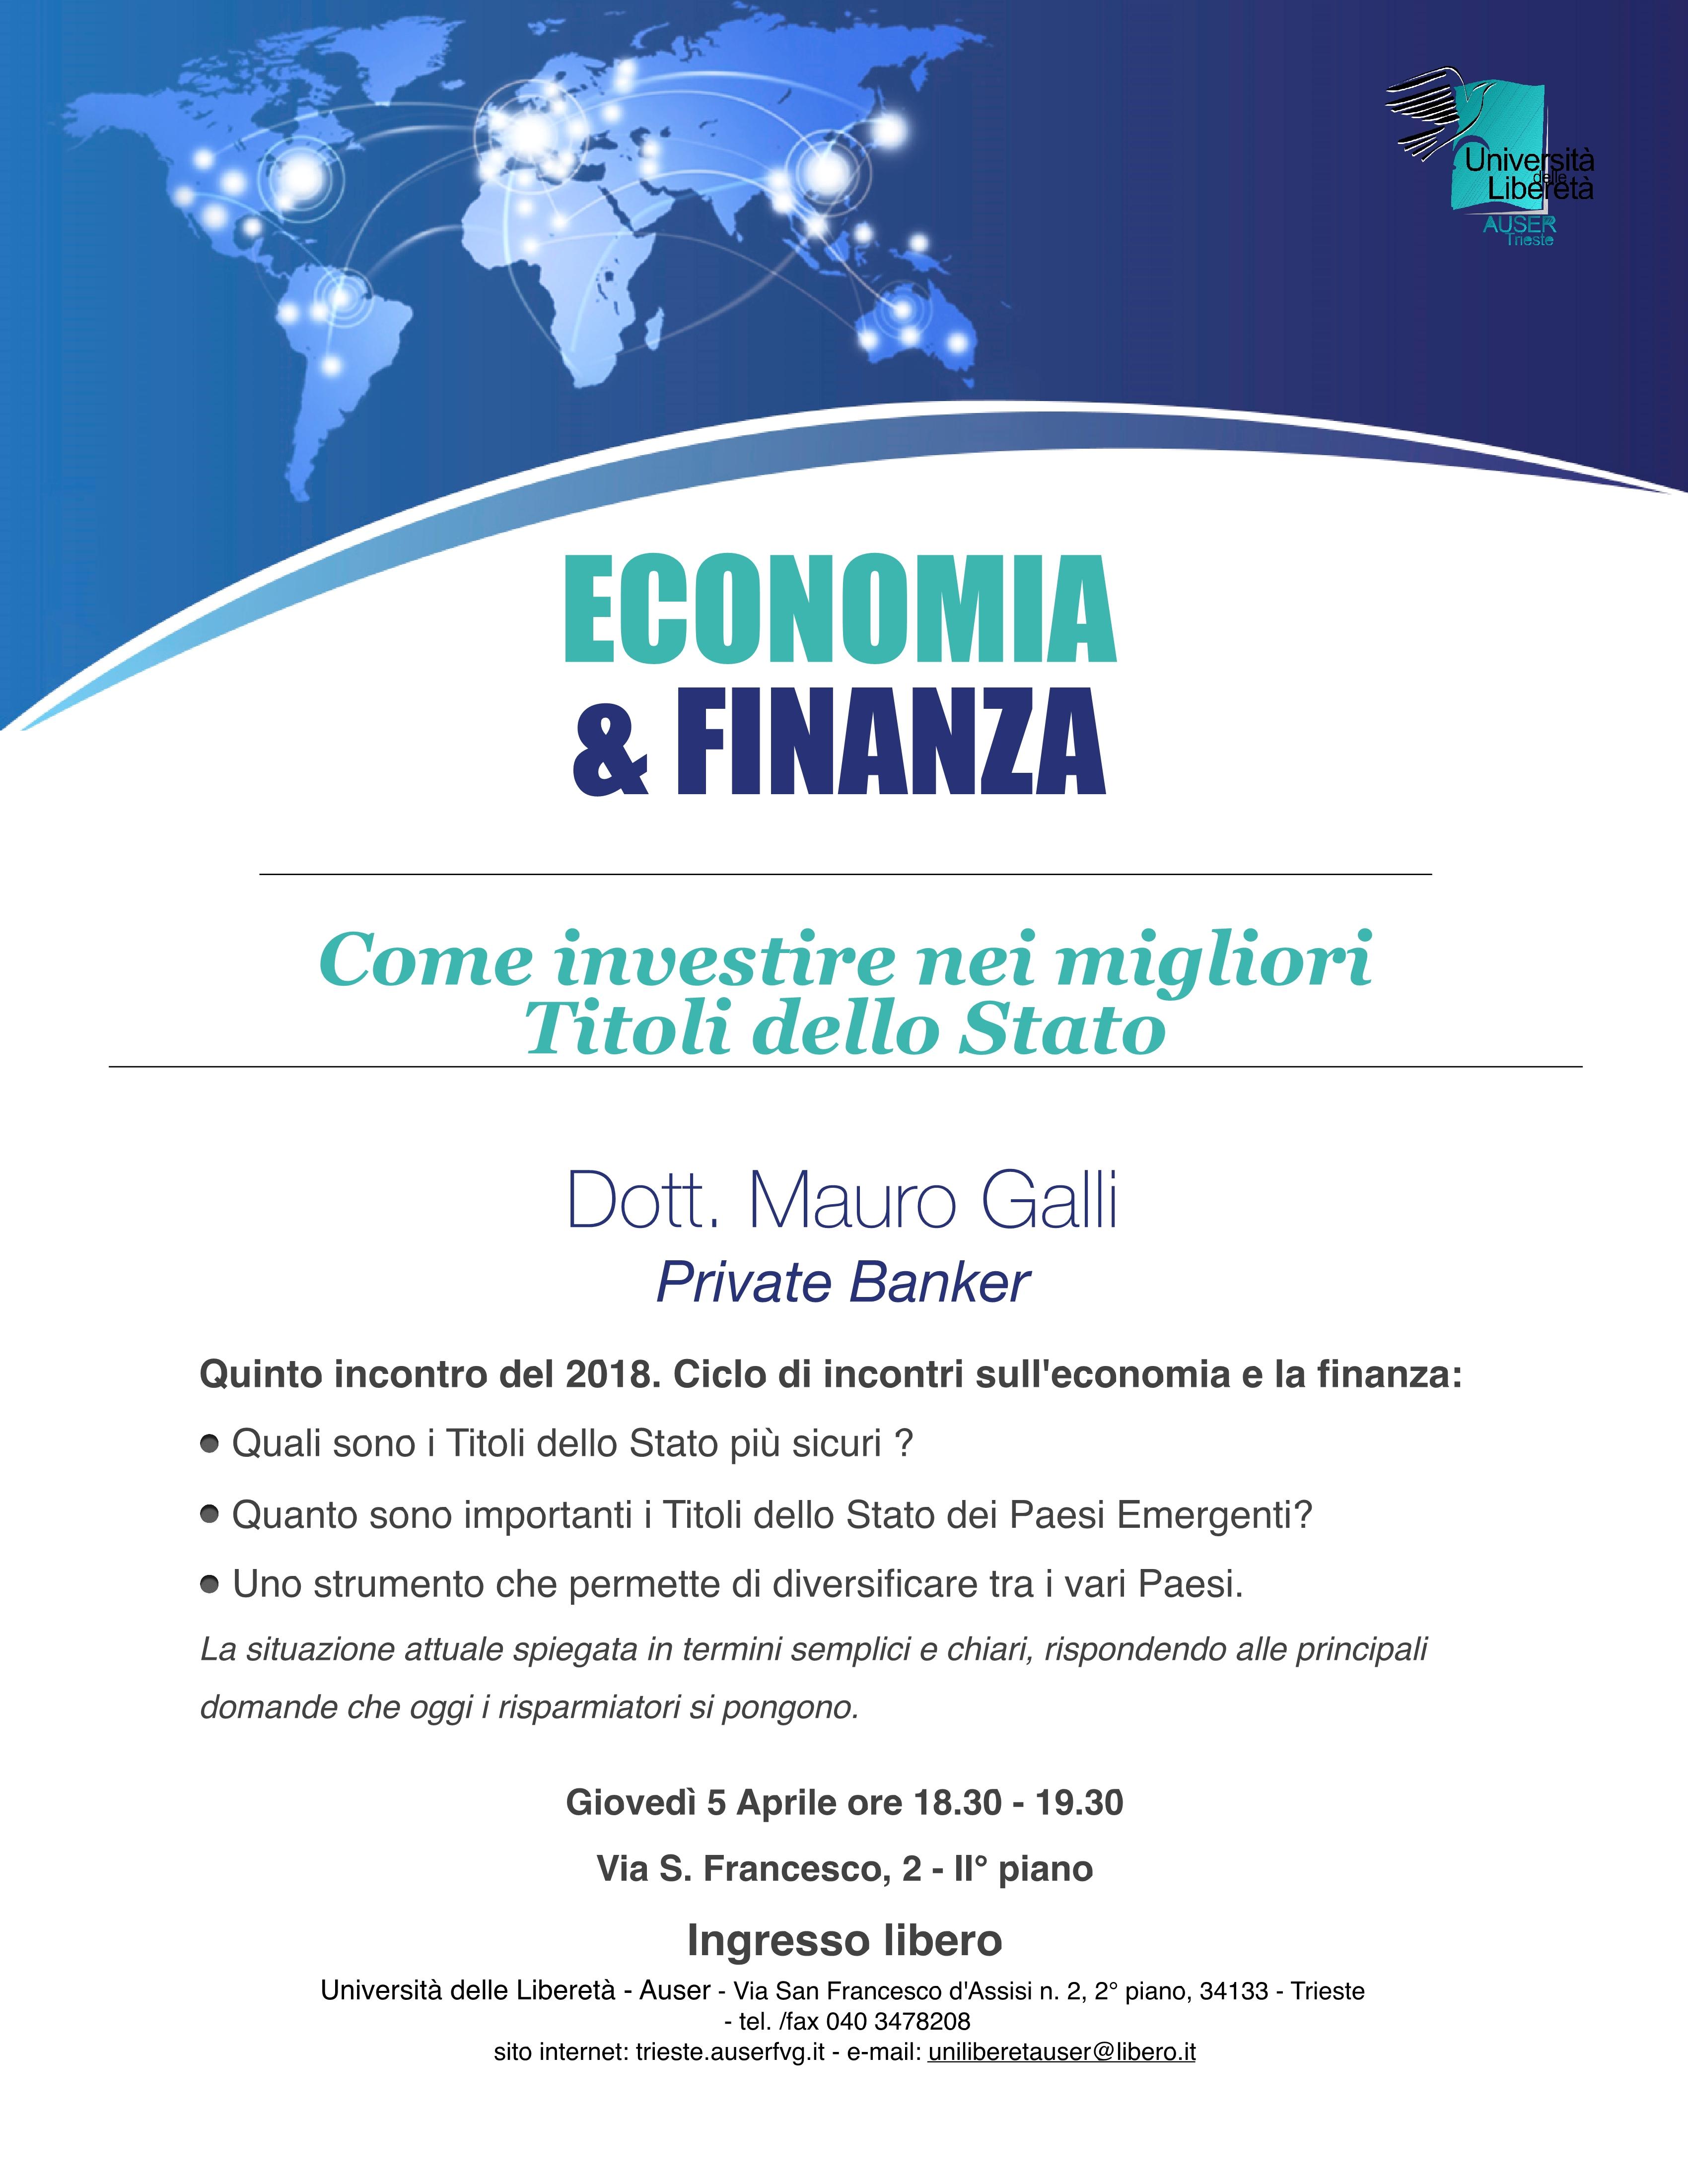 Economia e finanza 5 aprile 20181